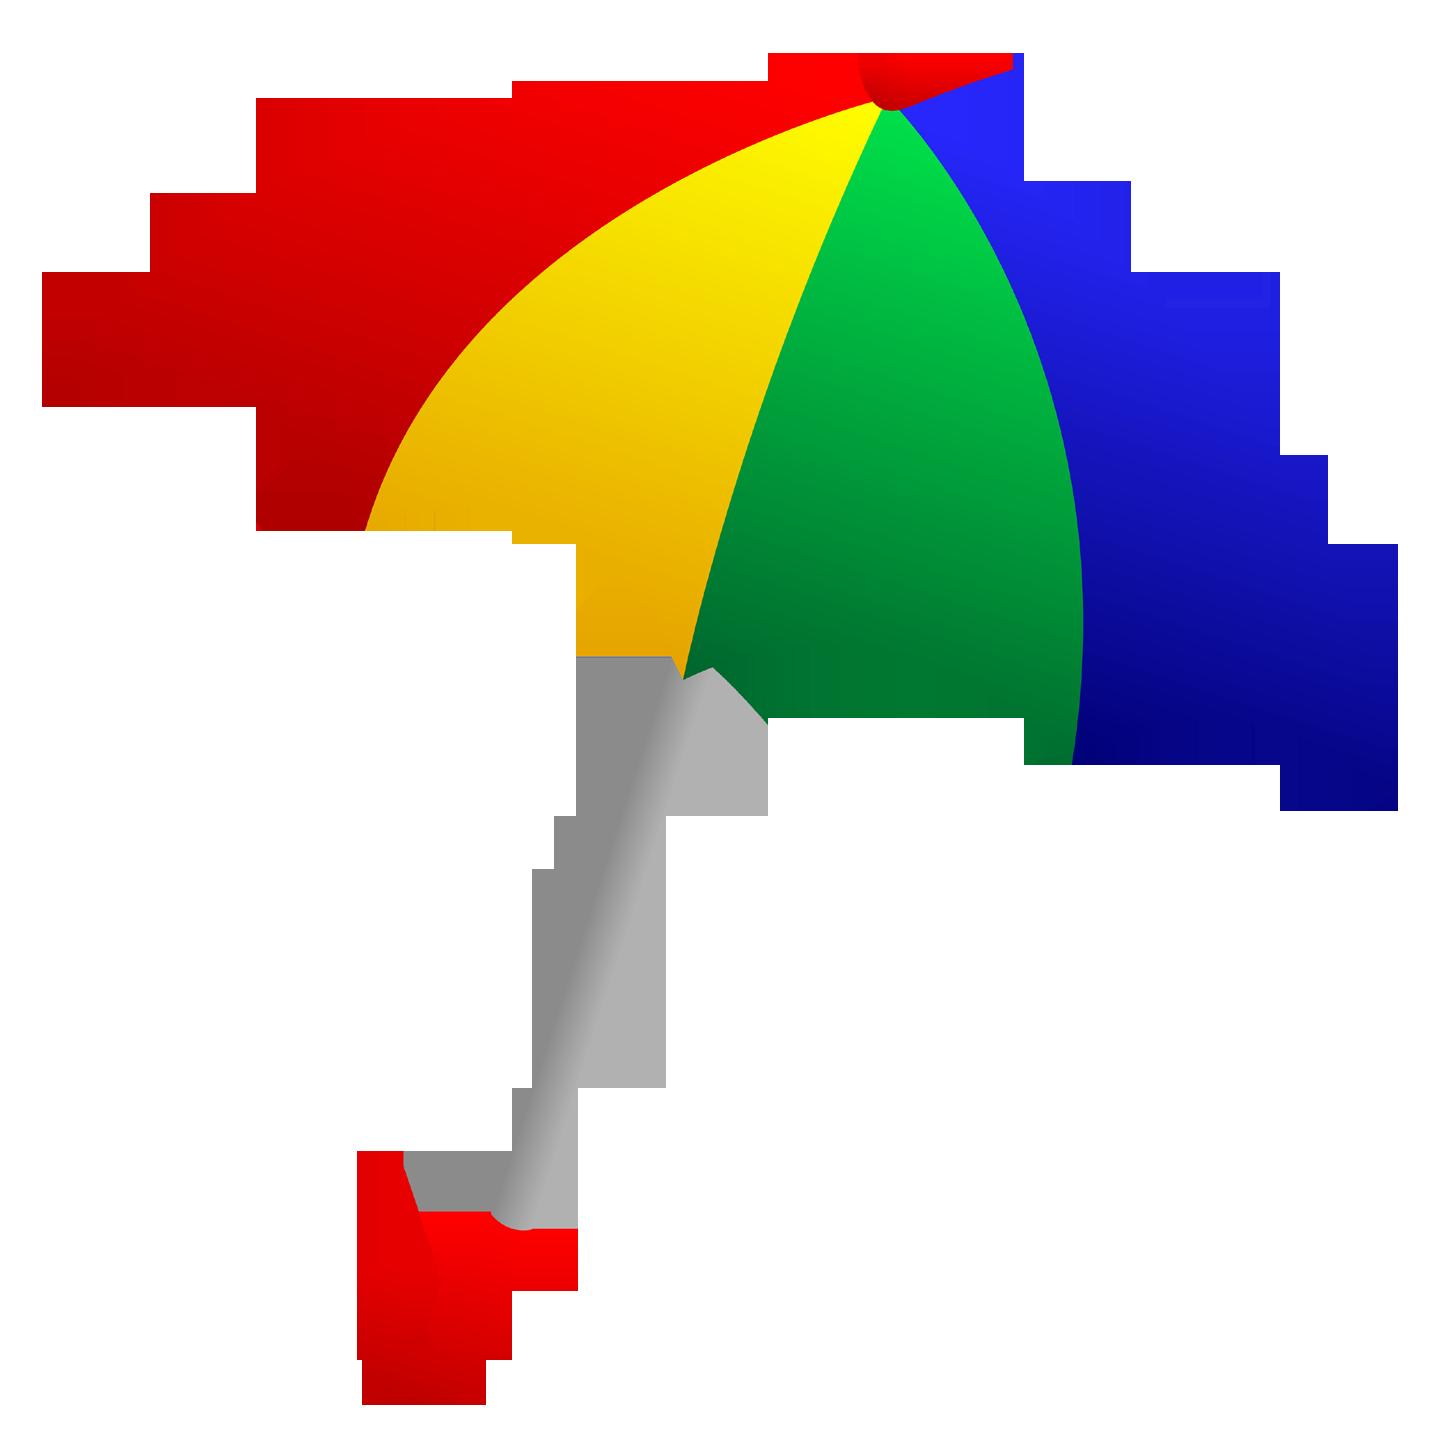 Transparent umbrella clipart.